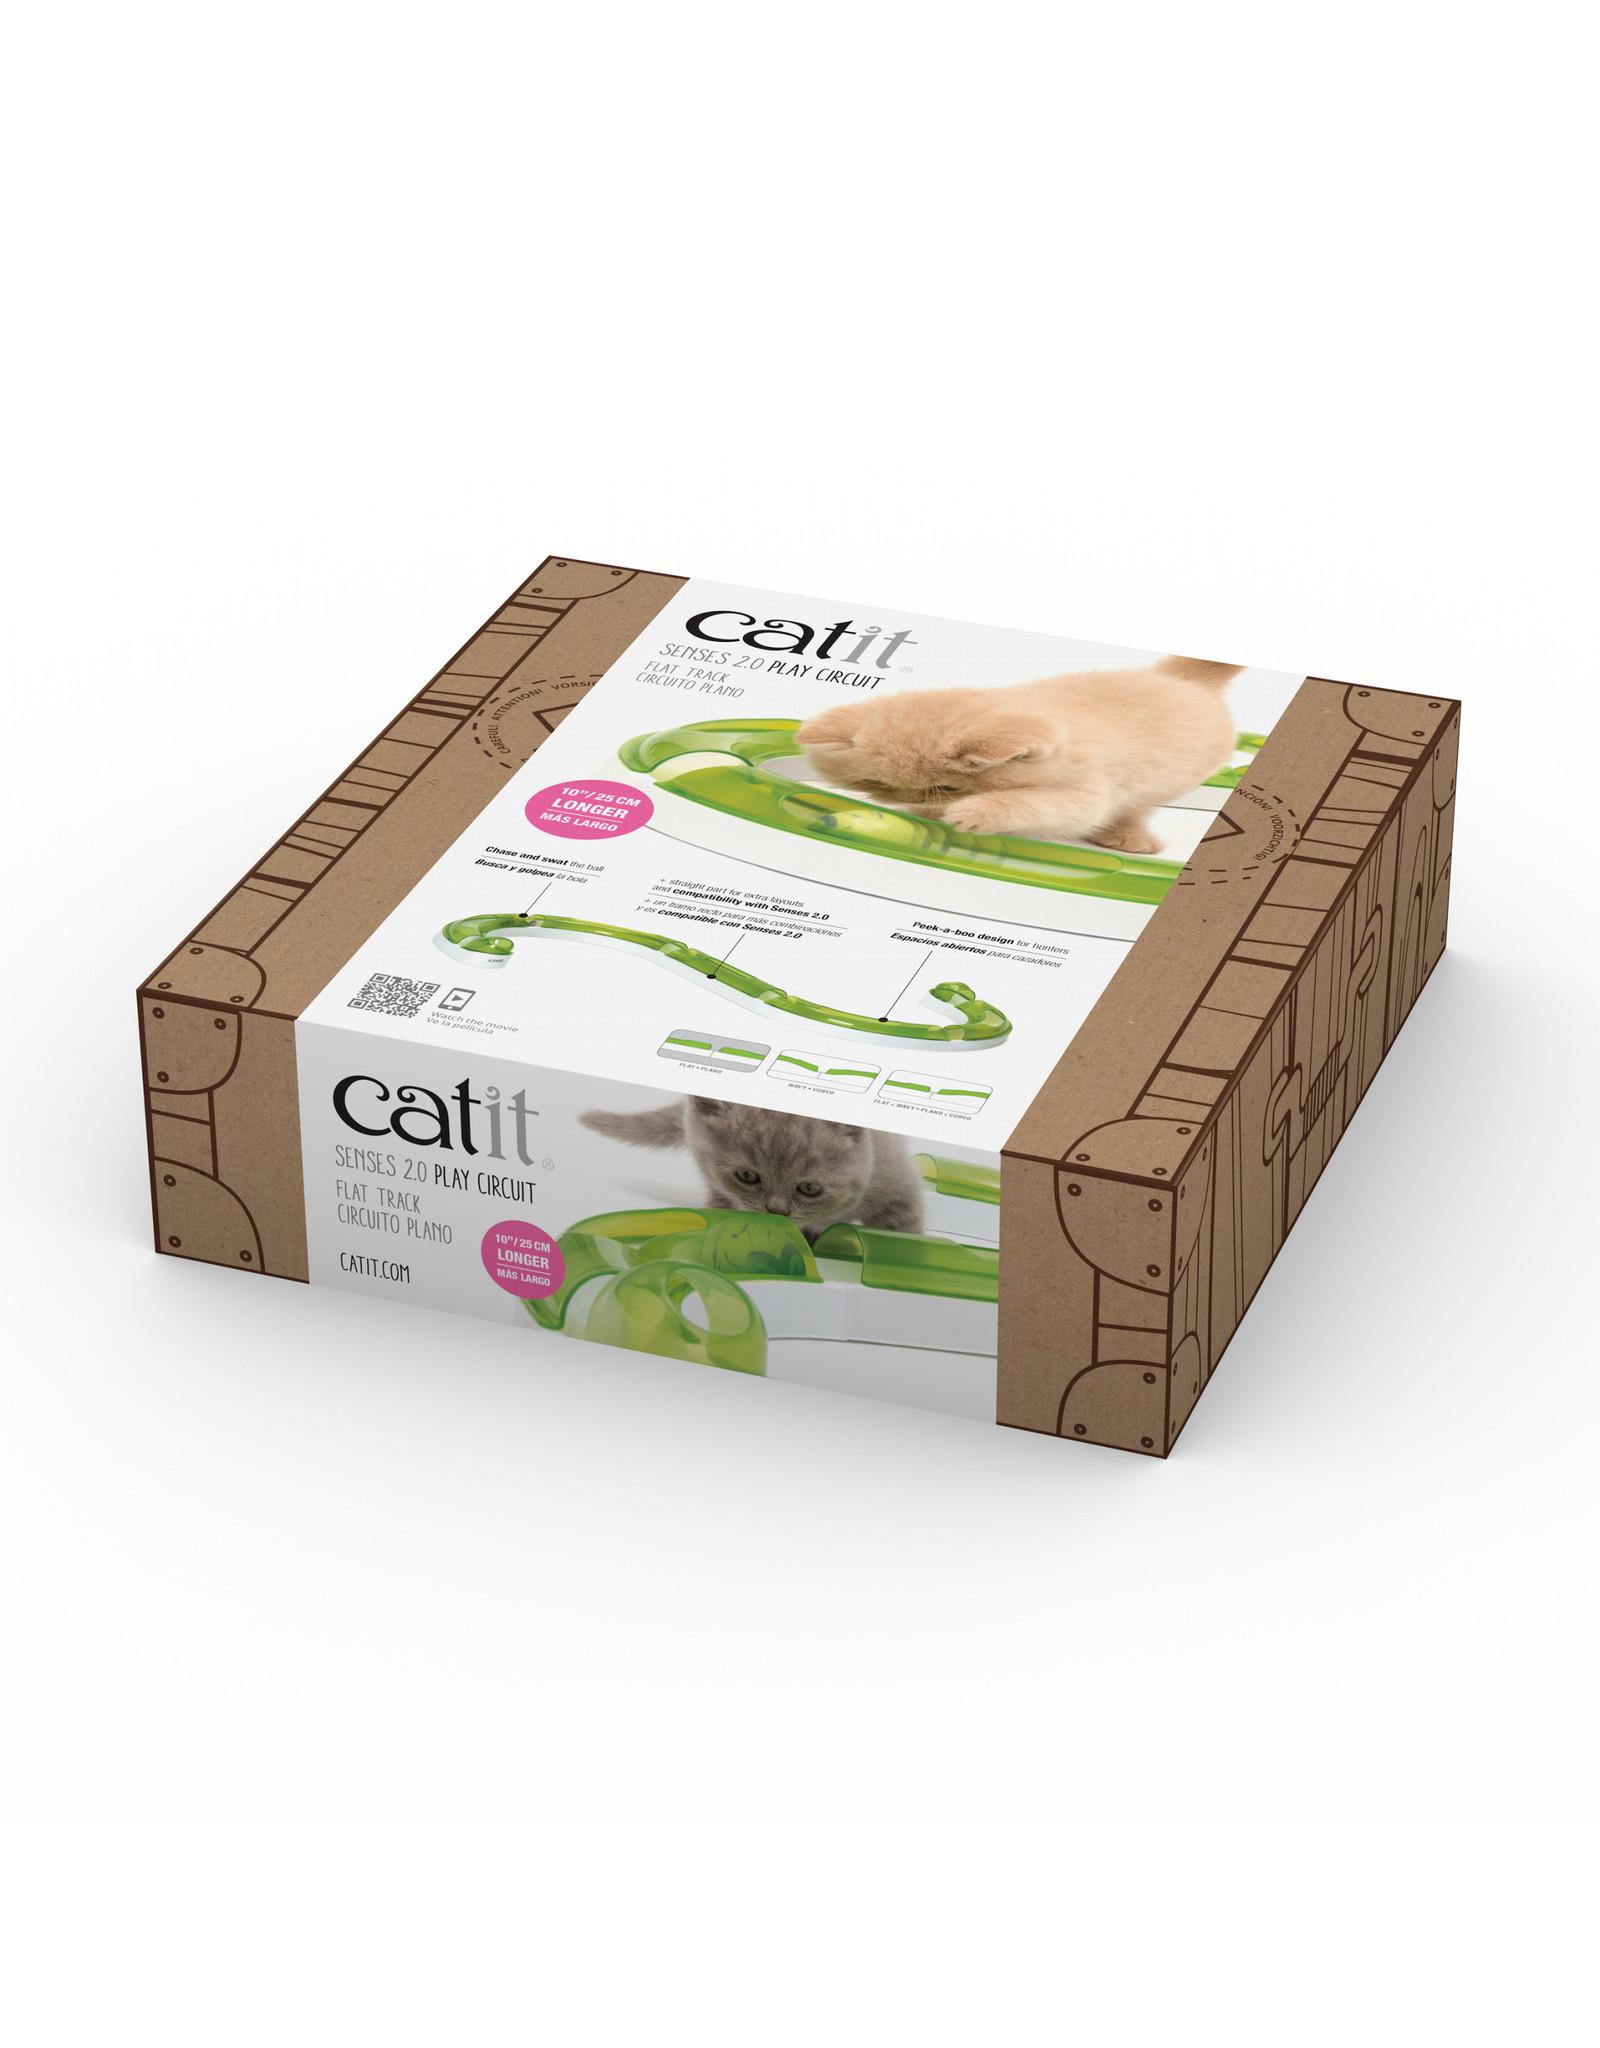 CT - Catit 2.0 Catit Senses 2.0 Play Circuit